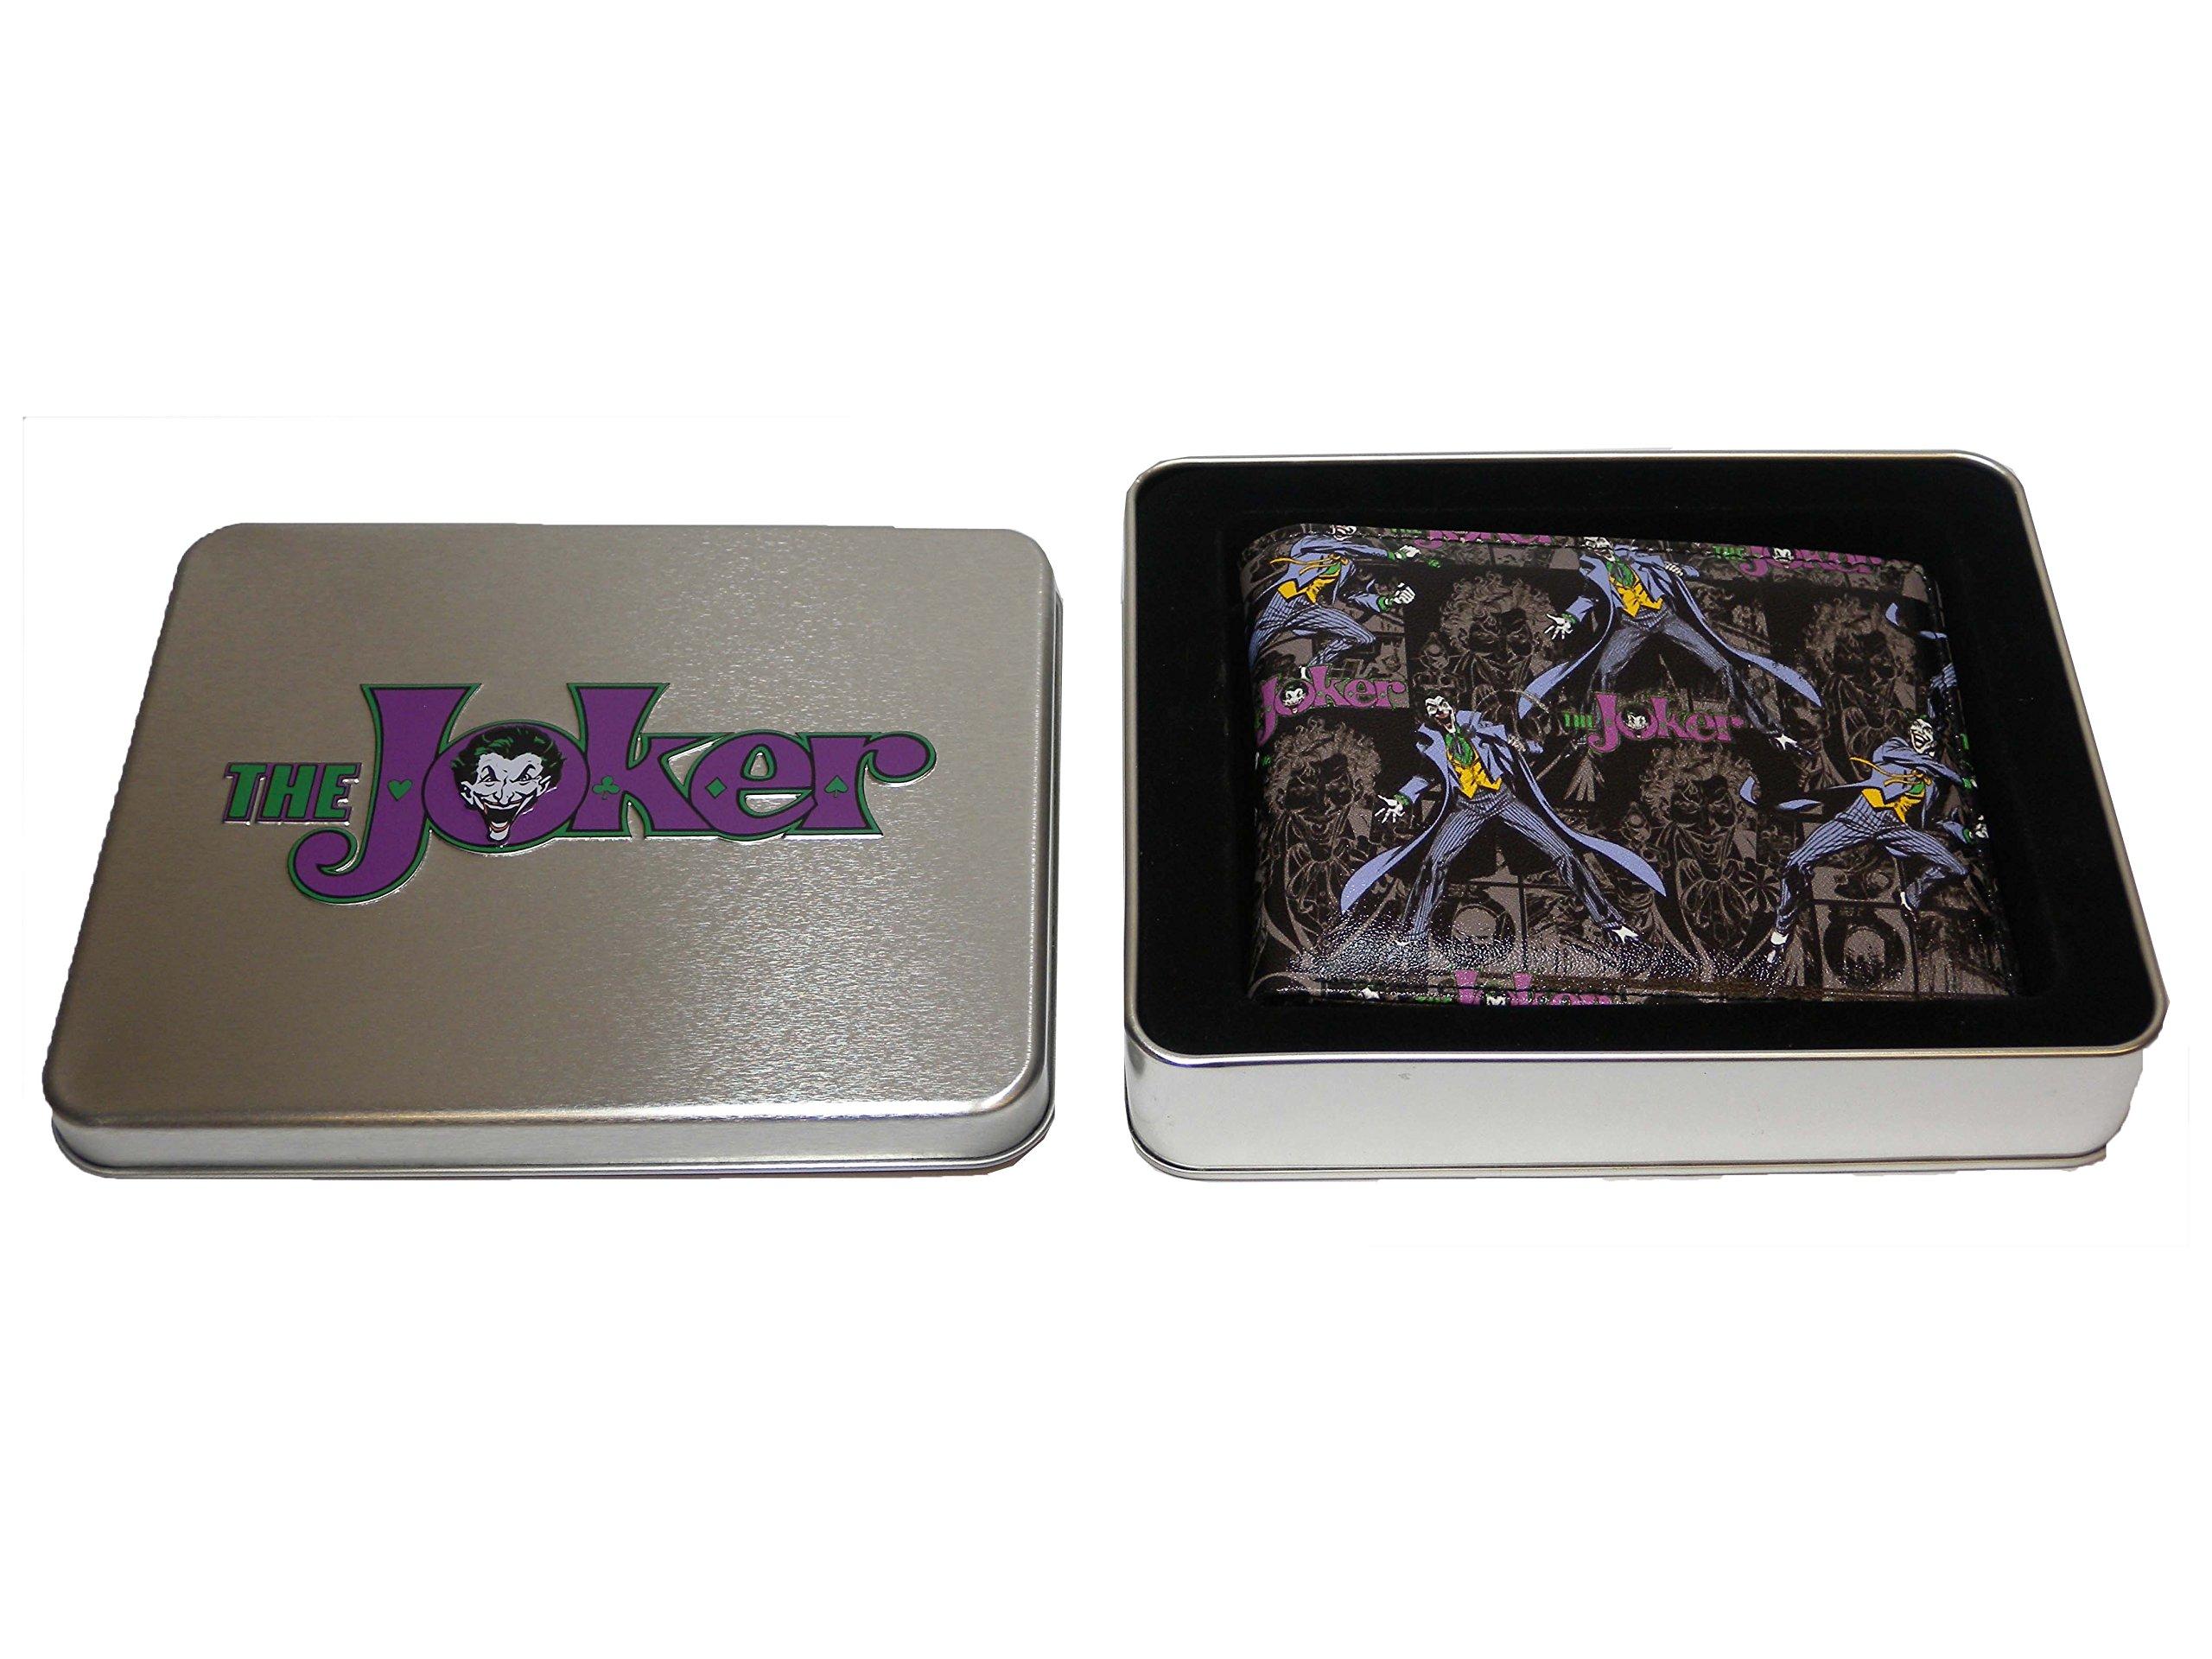 Batman Cartera con diseño de Joker Wicked, Incluye Caja metálica: Amazon.es: Juguetes y juegos